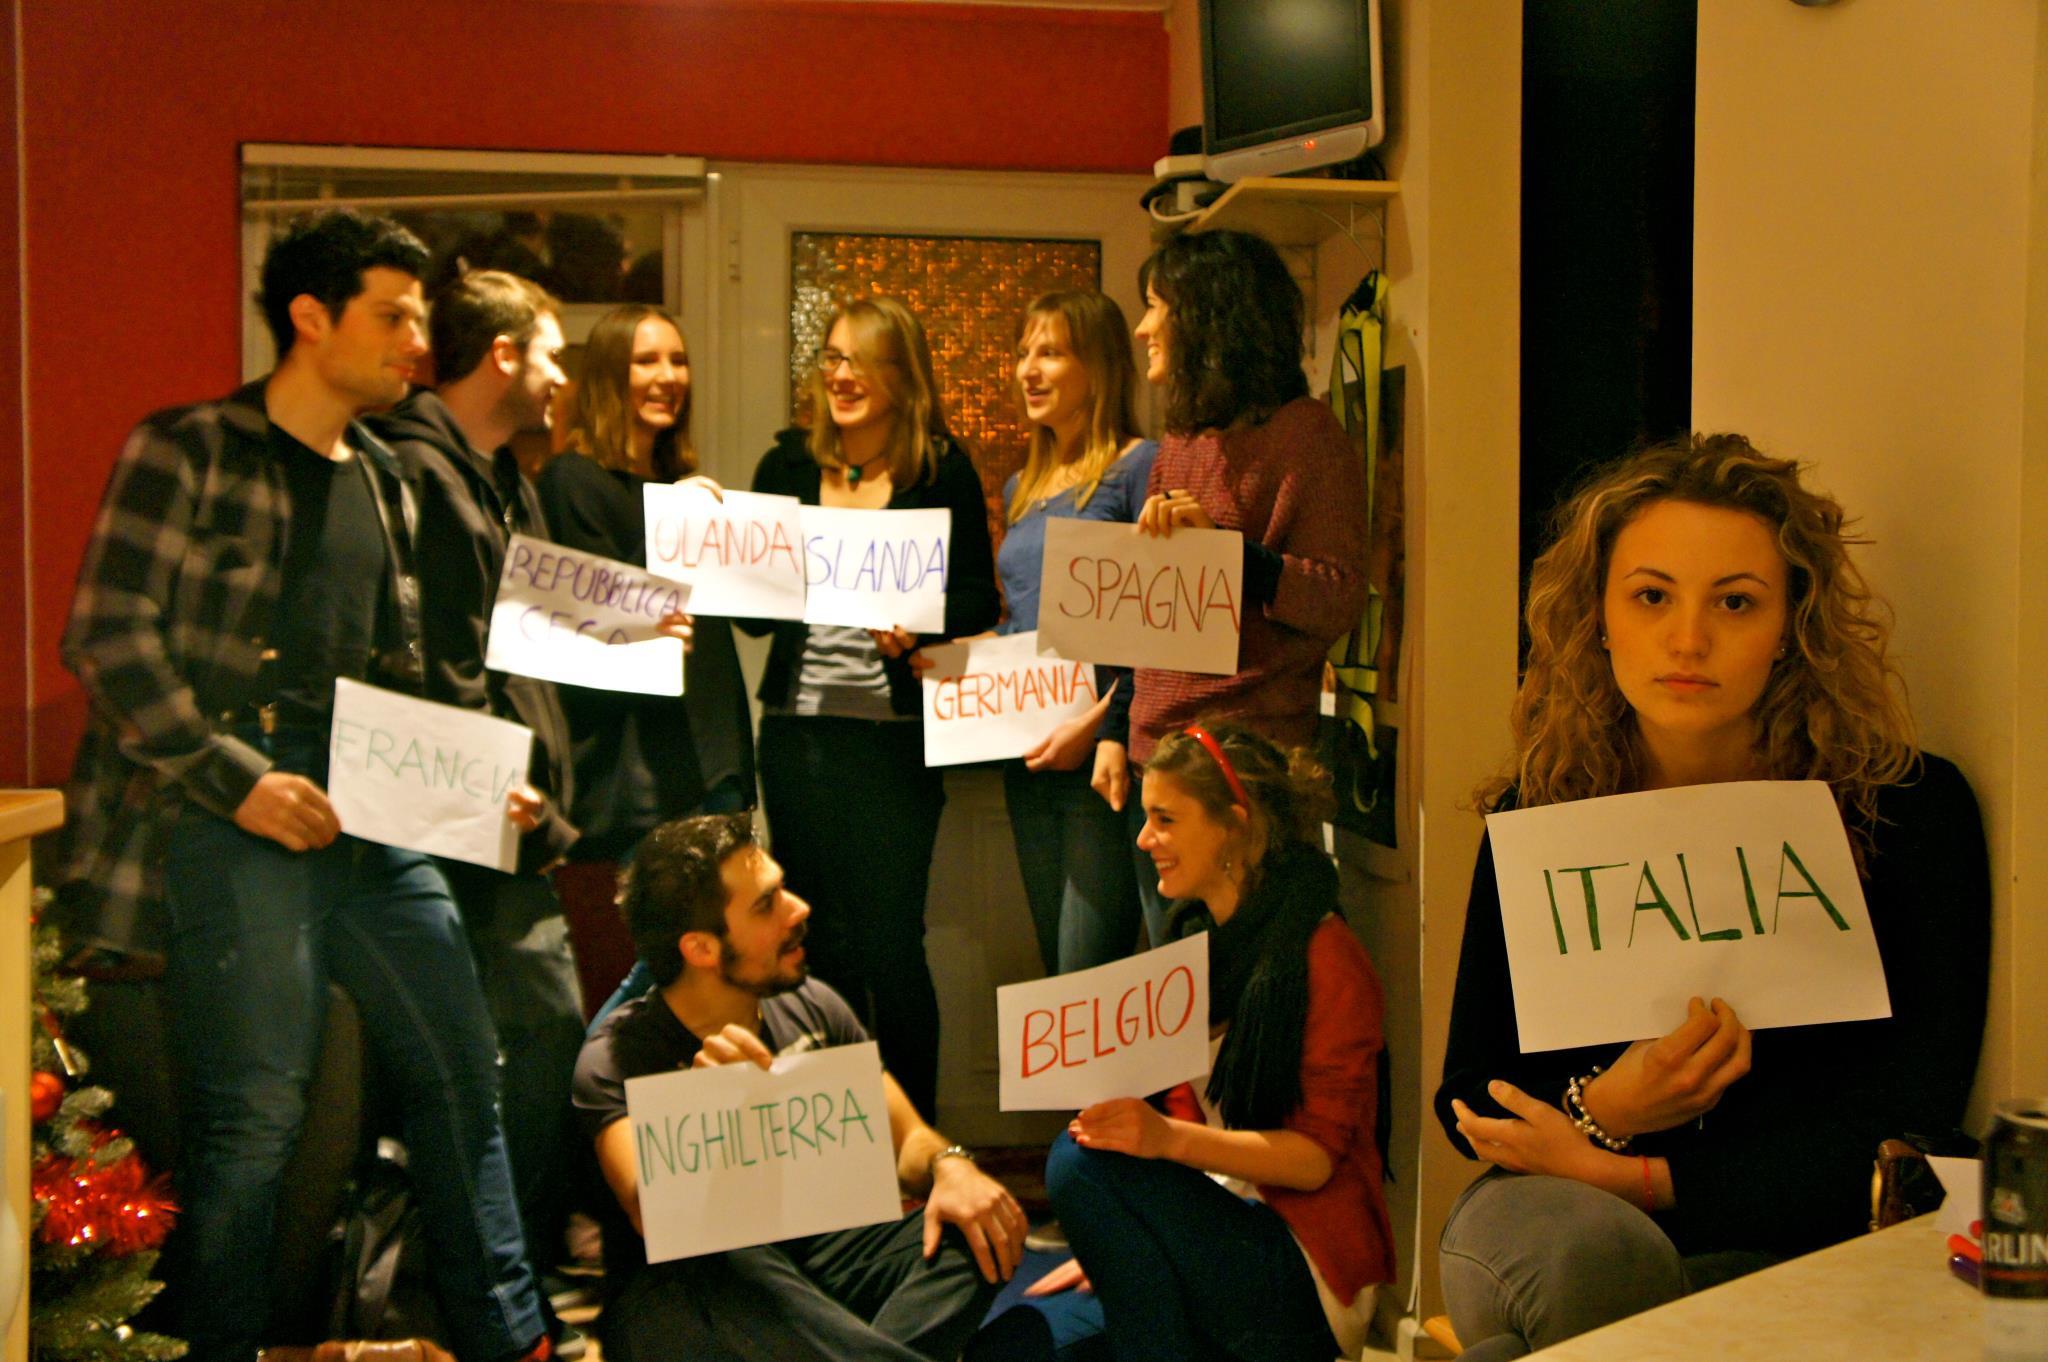 https://i2.wp.com/www.claudiodominech.com/wp-content/uploads/2013/01/Studenti-Erasmus-che-non-potranno-votare-alle-prossime-Elezioni.jpg